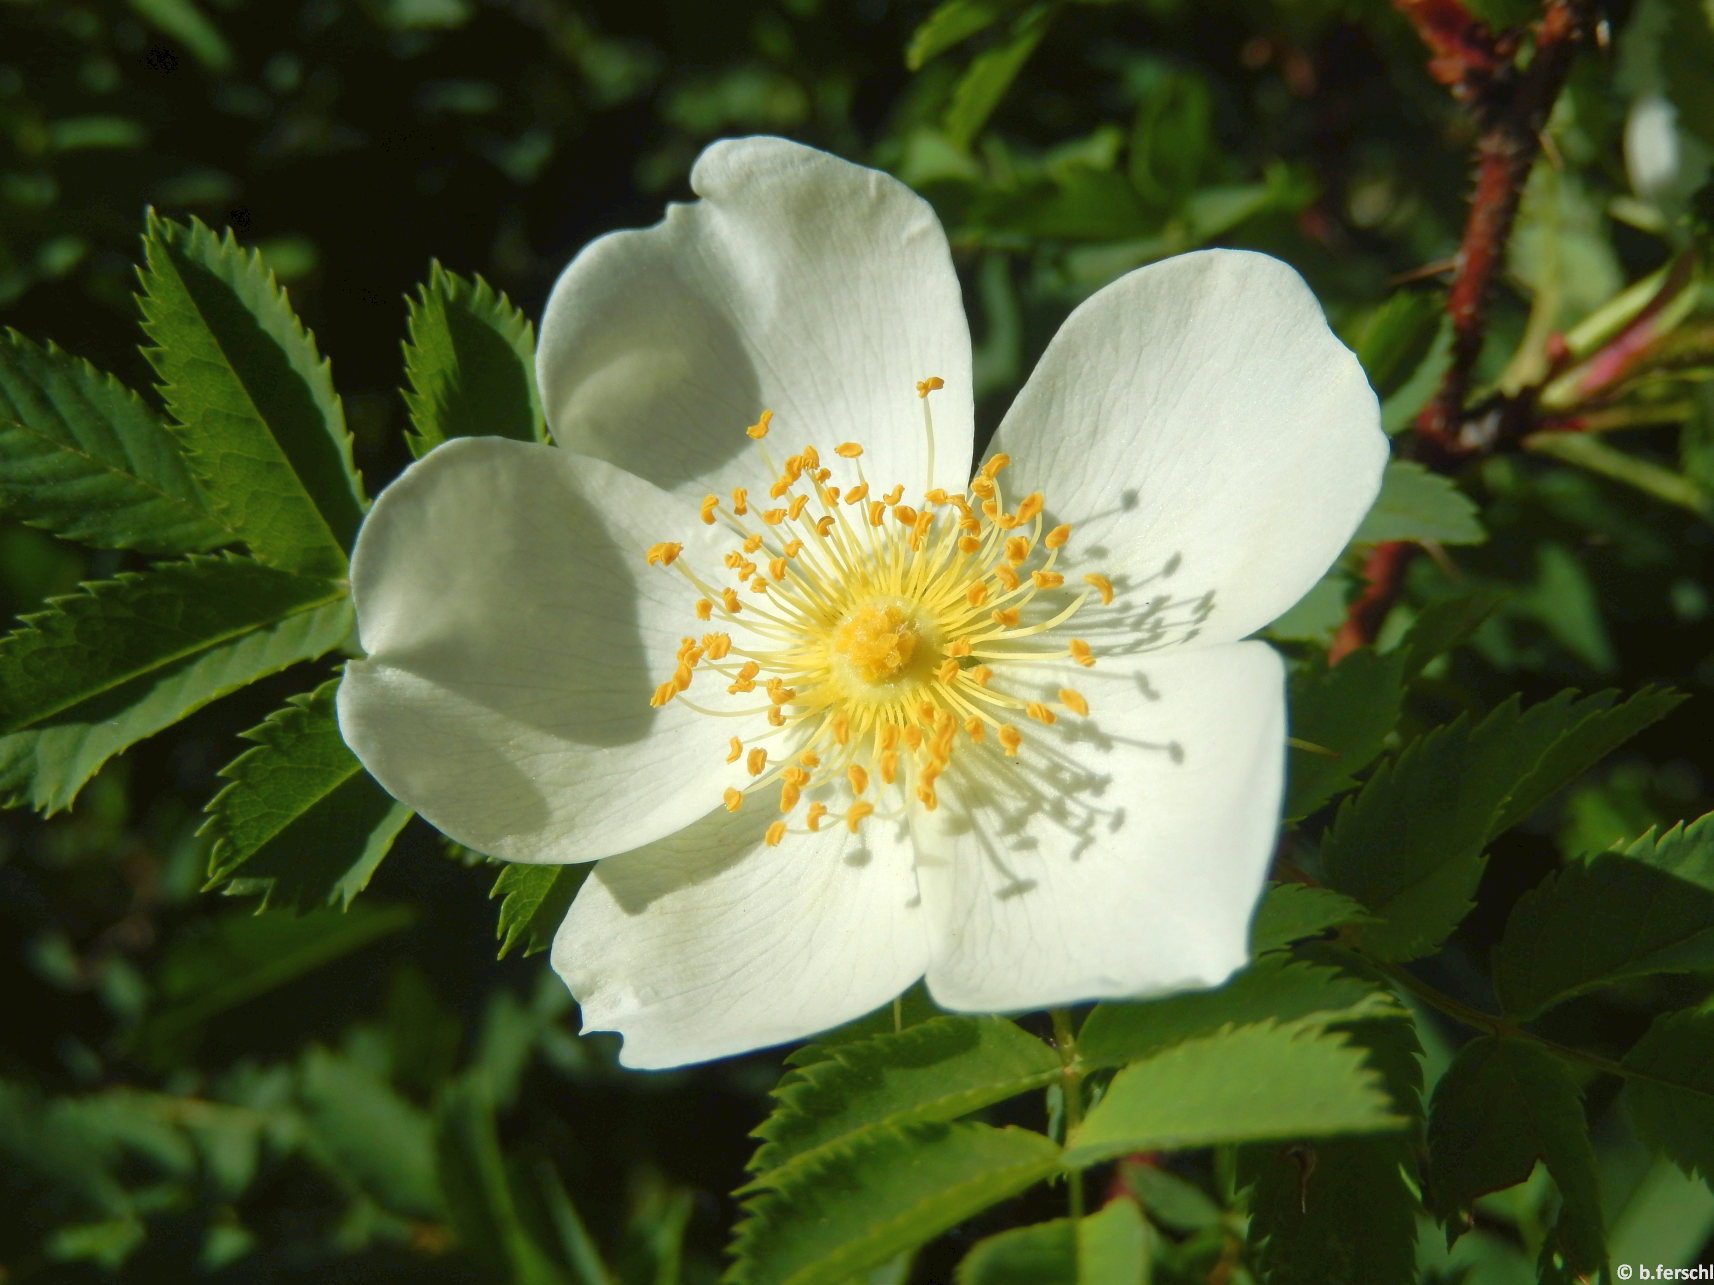 A jajrózsa (Rosa spinosissima) alacsony bokrain bőven hozza egyszerű virágait